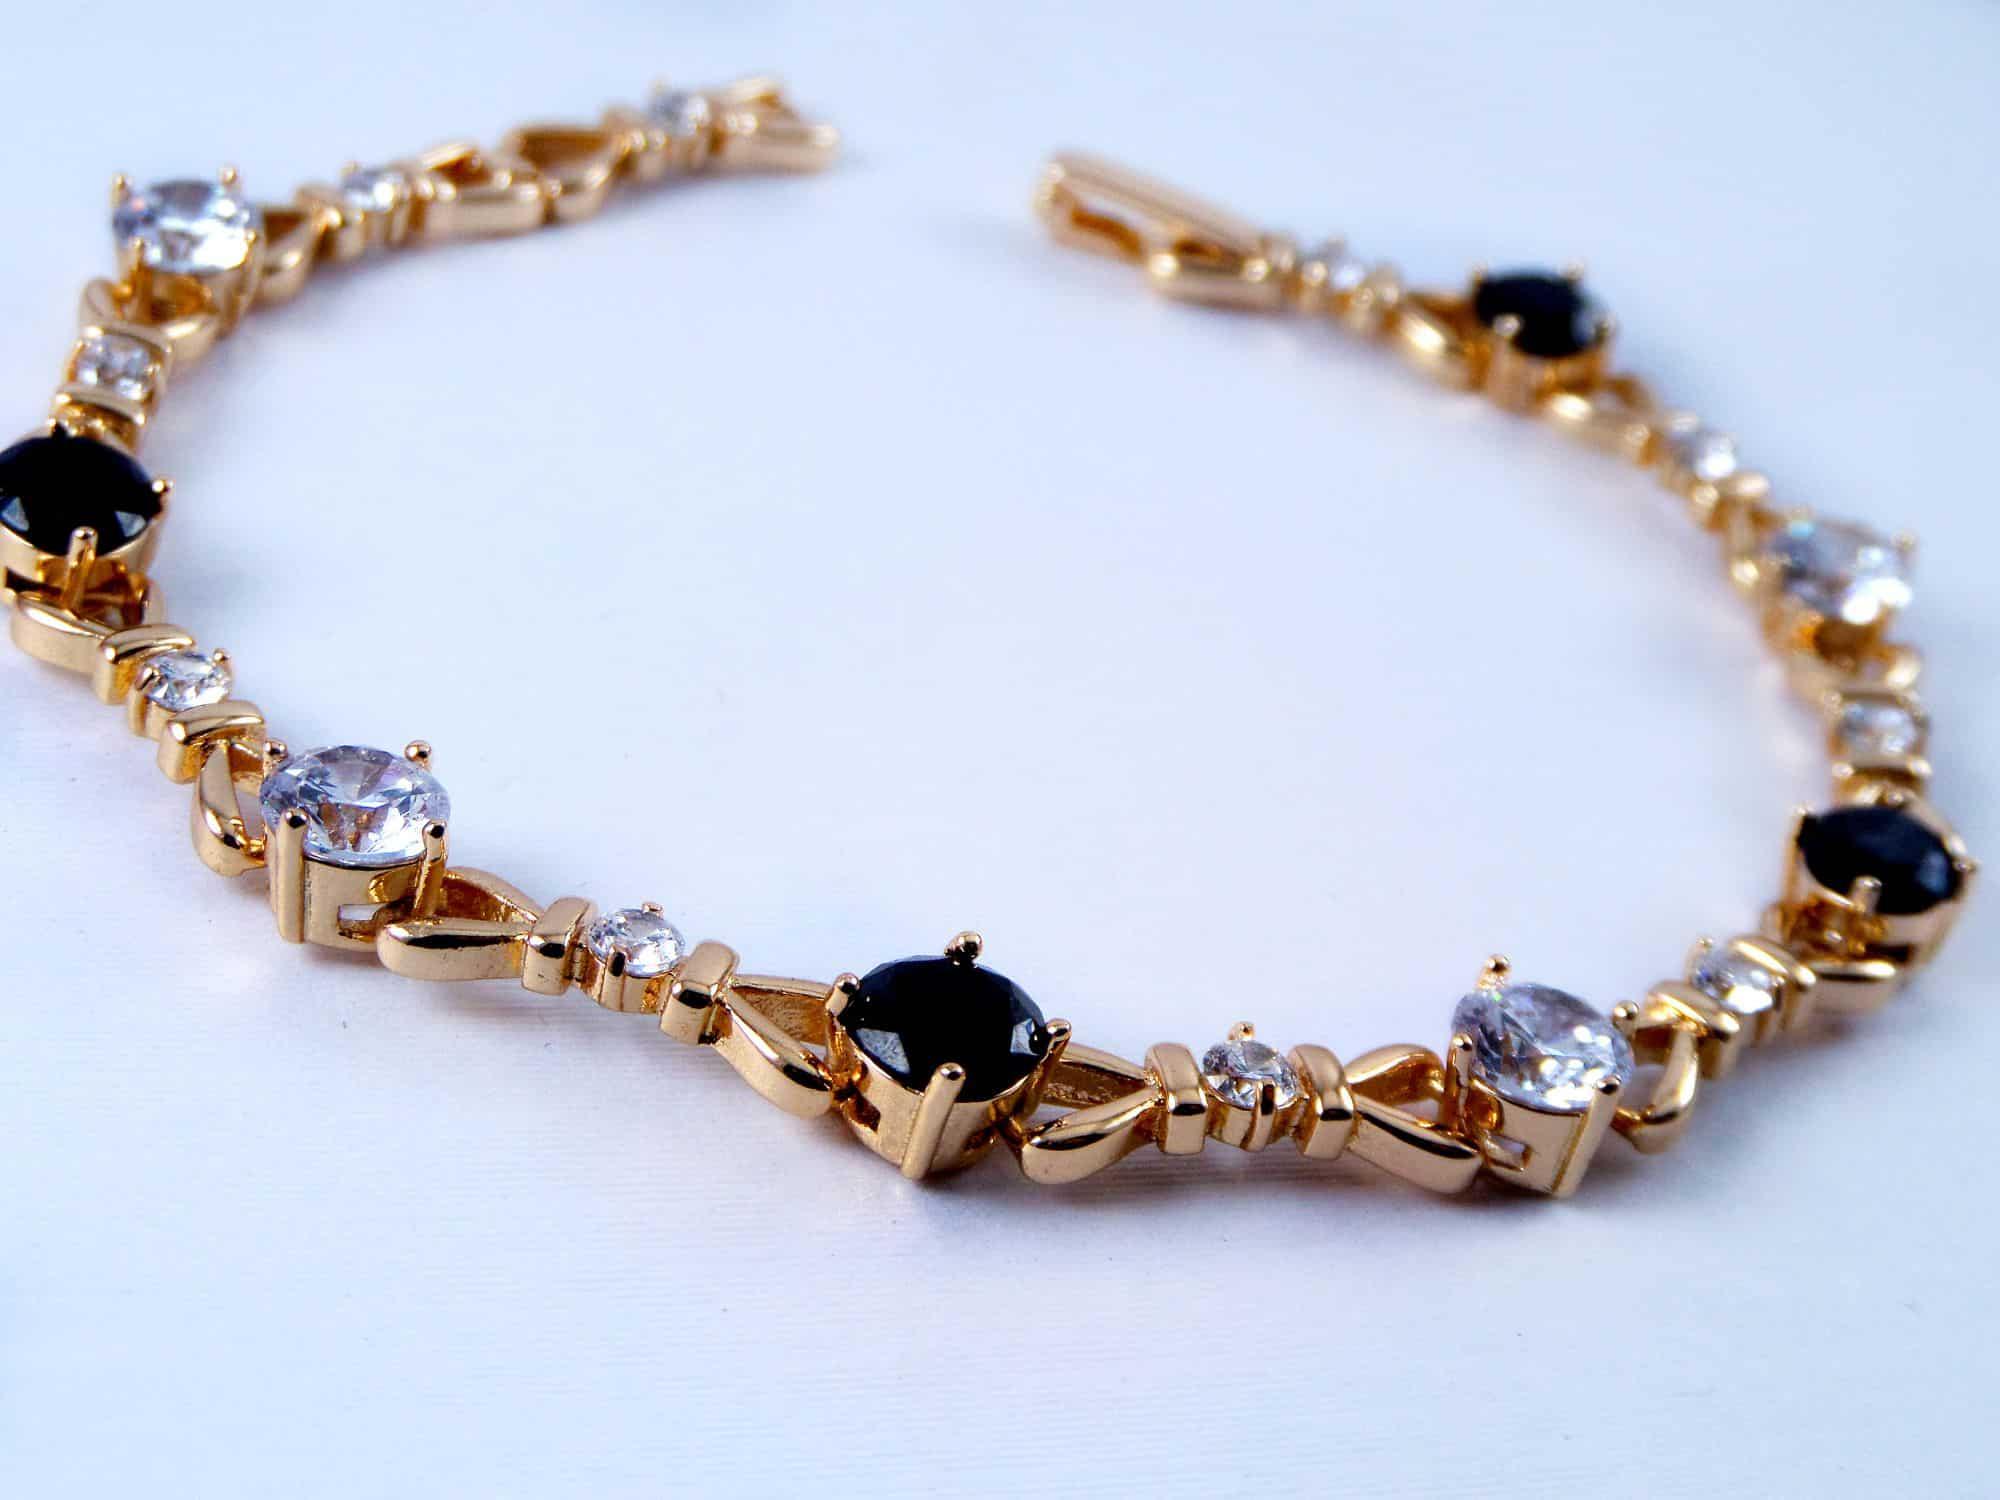 دستبند دخترانه ژوپینگ با نگین های کریستالی سفید و مشکی DS-N156